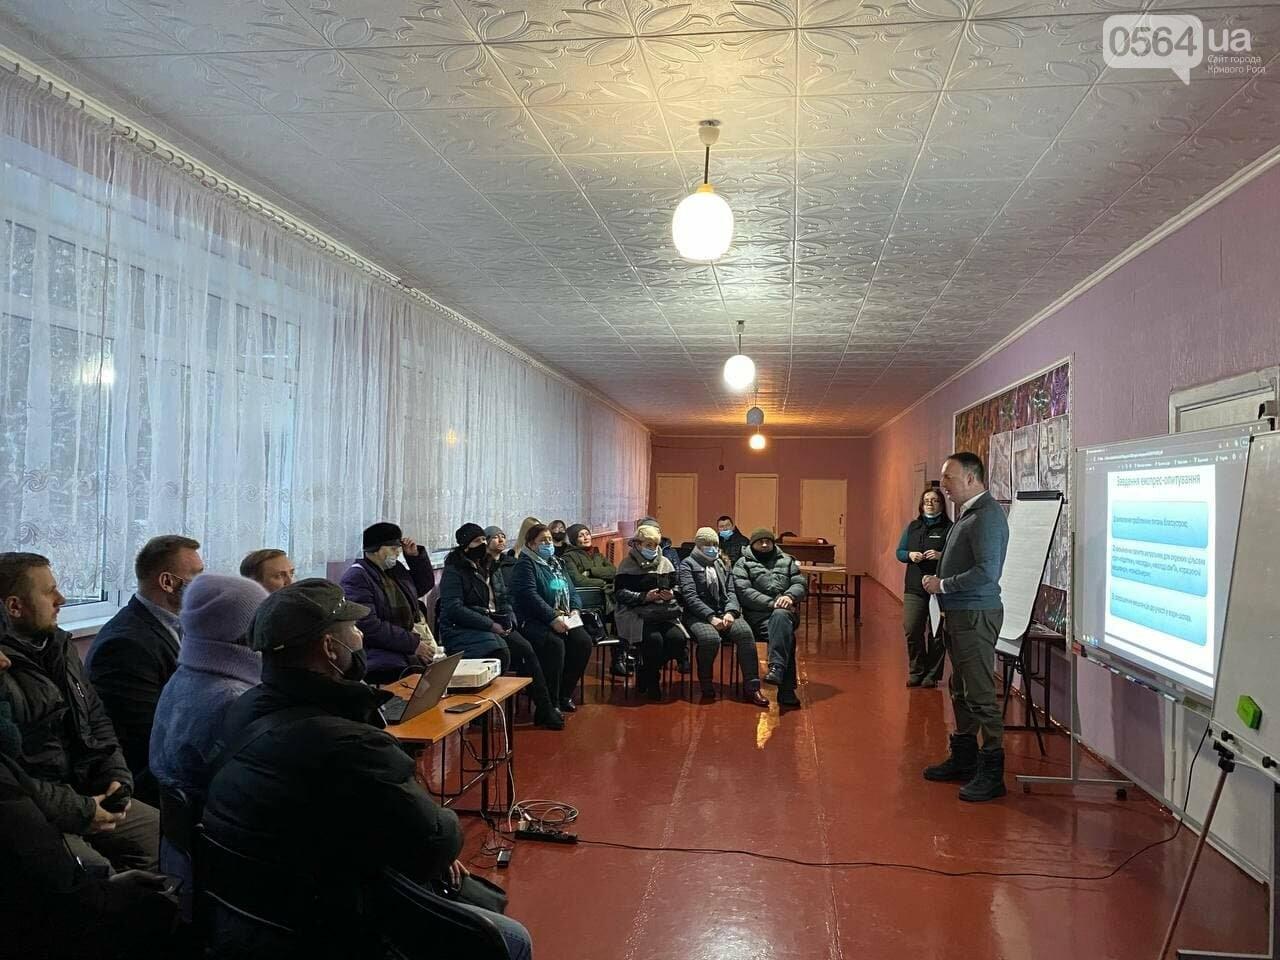 В Кривом Роге начались слушания по вопросу реализации проекта развития 4-го Заречного, - ФОТО, ВИДЕО, фото-7